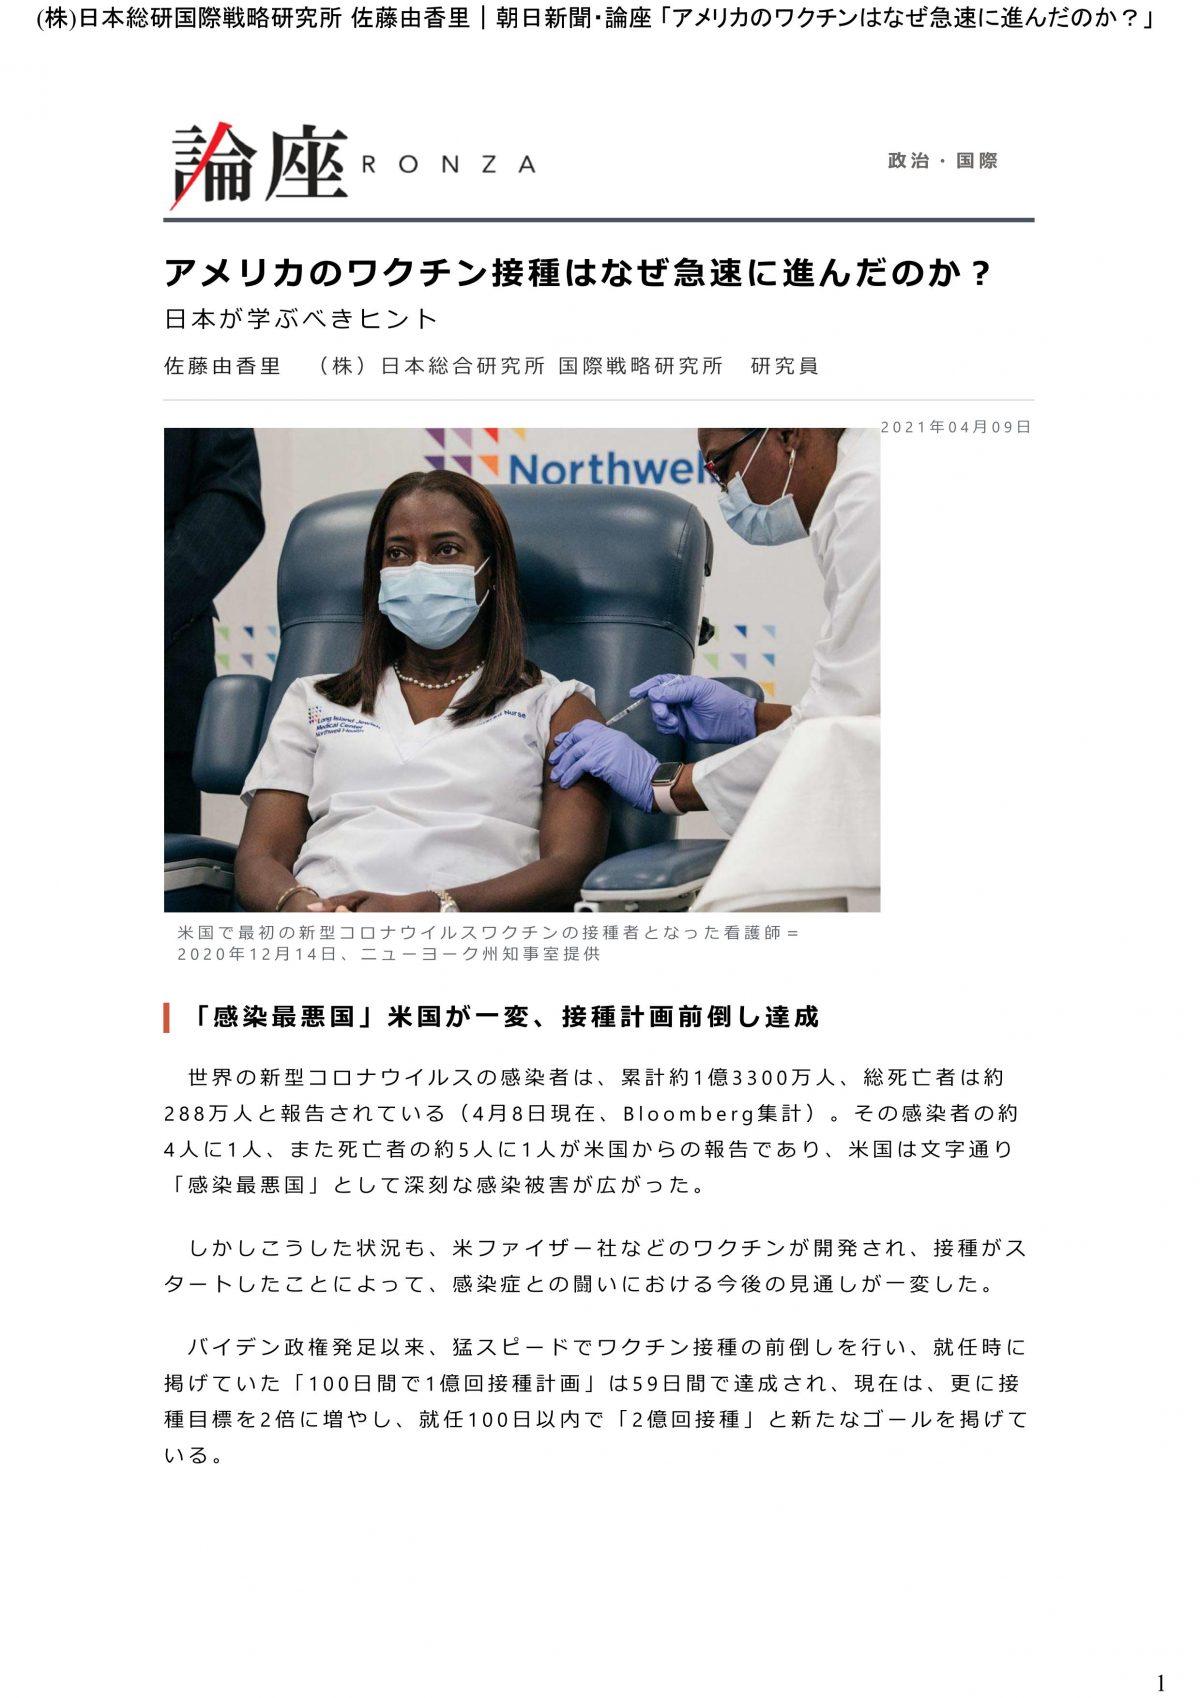 コロナ関連の資料を読む~アメリカのワクチン接種はなぜ急速に進んだのか?日本が学ぶべきヒント~